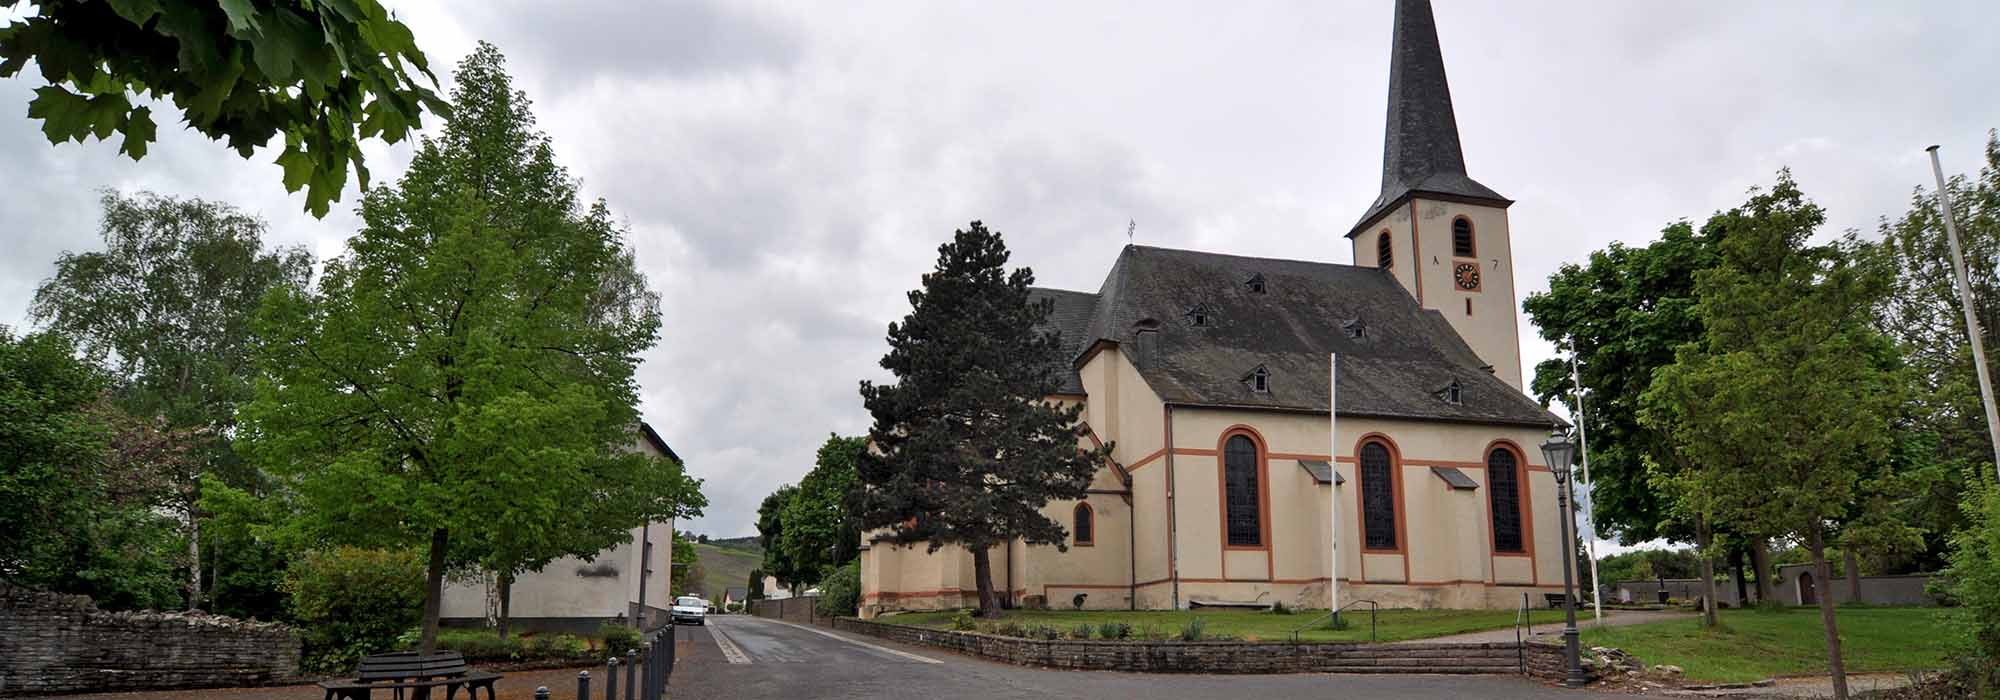 DSC_7119Leiwen-Kirche